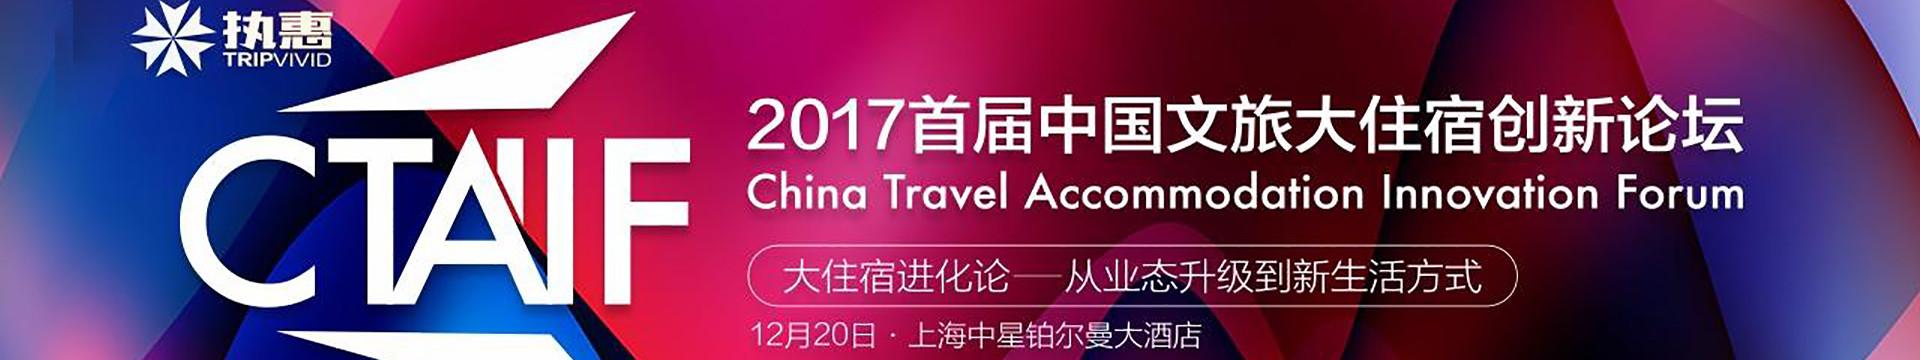 2017首届中国文旅大住宿创新论坛